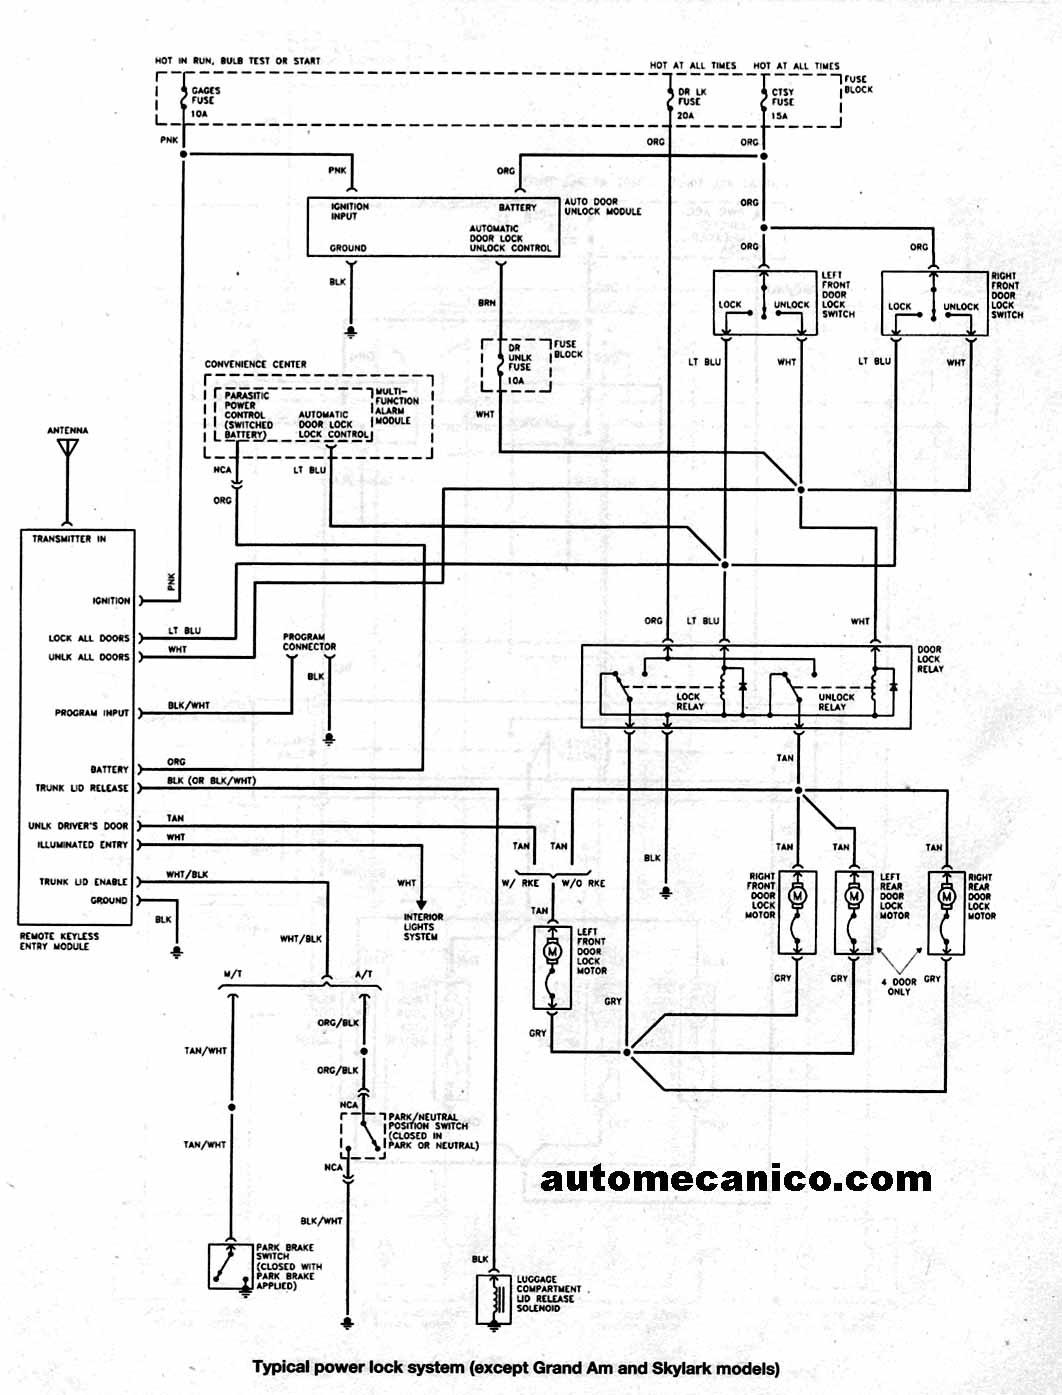 1997 buick skylark diagrama de cableado